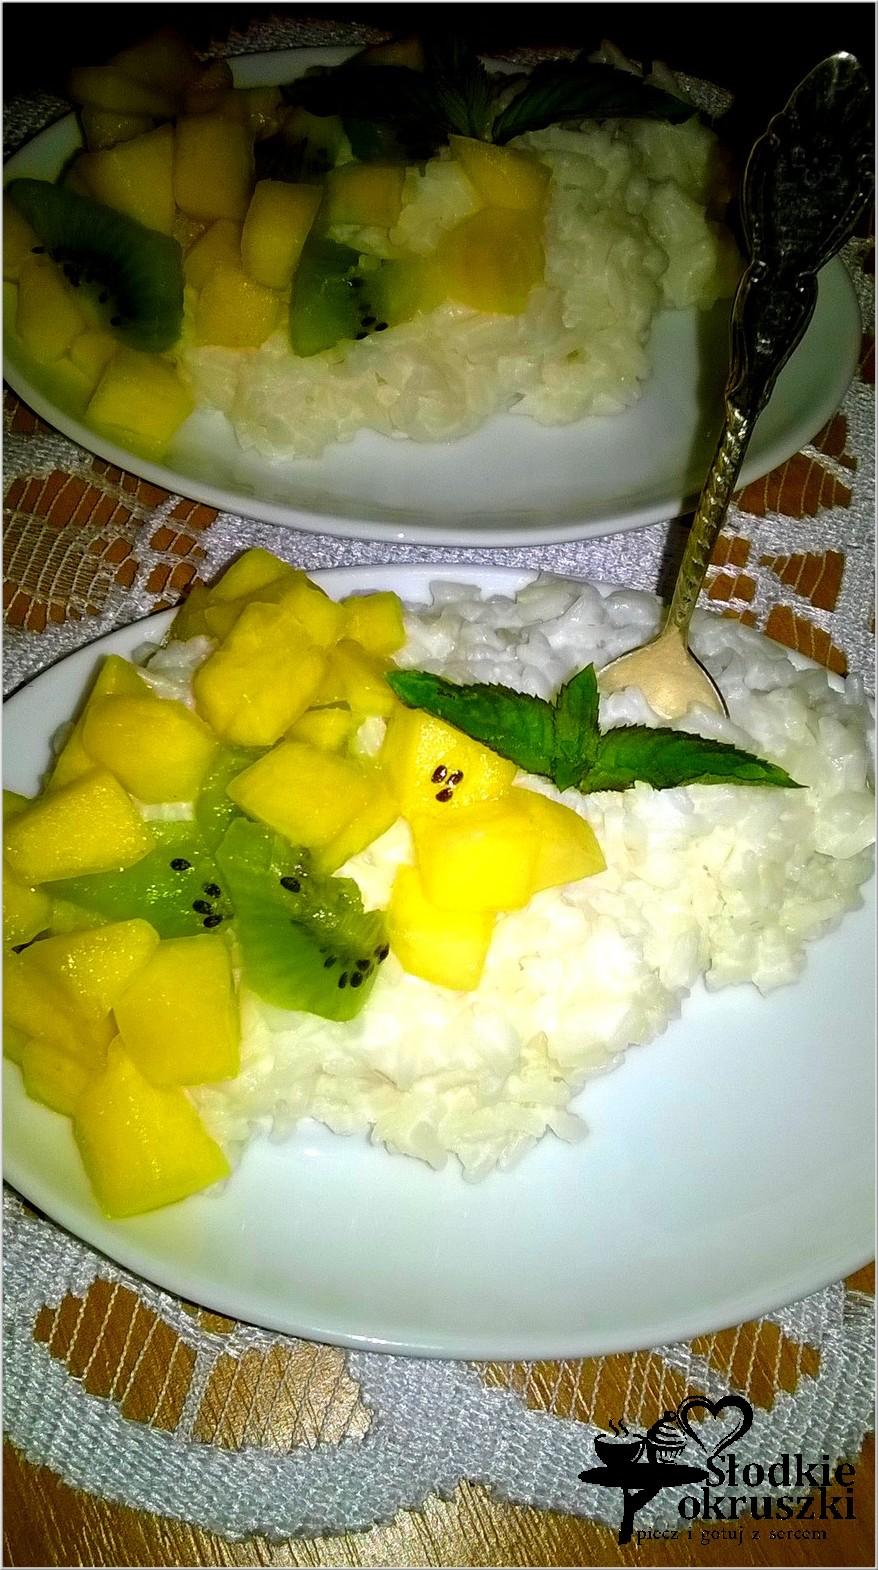 Jogurtowy ryż miętowy z owocami